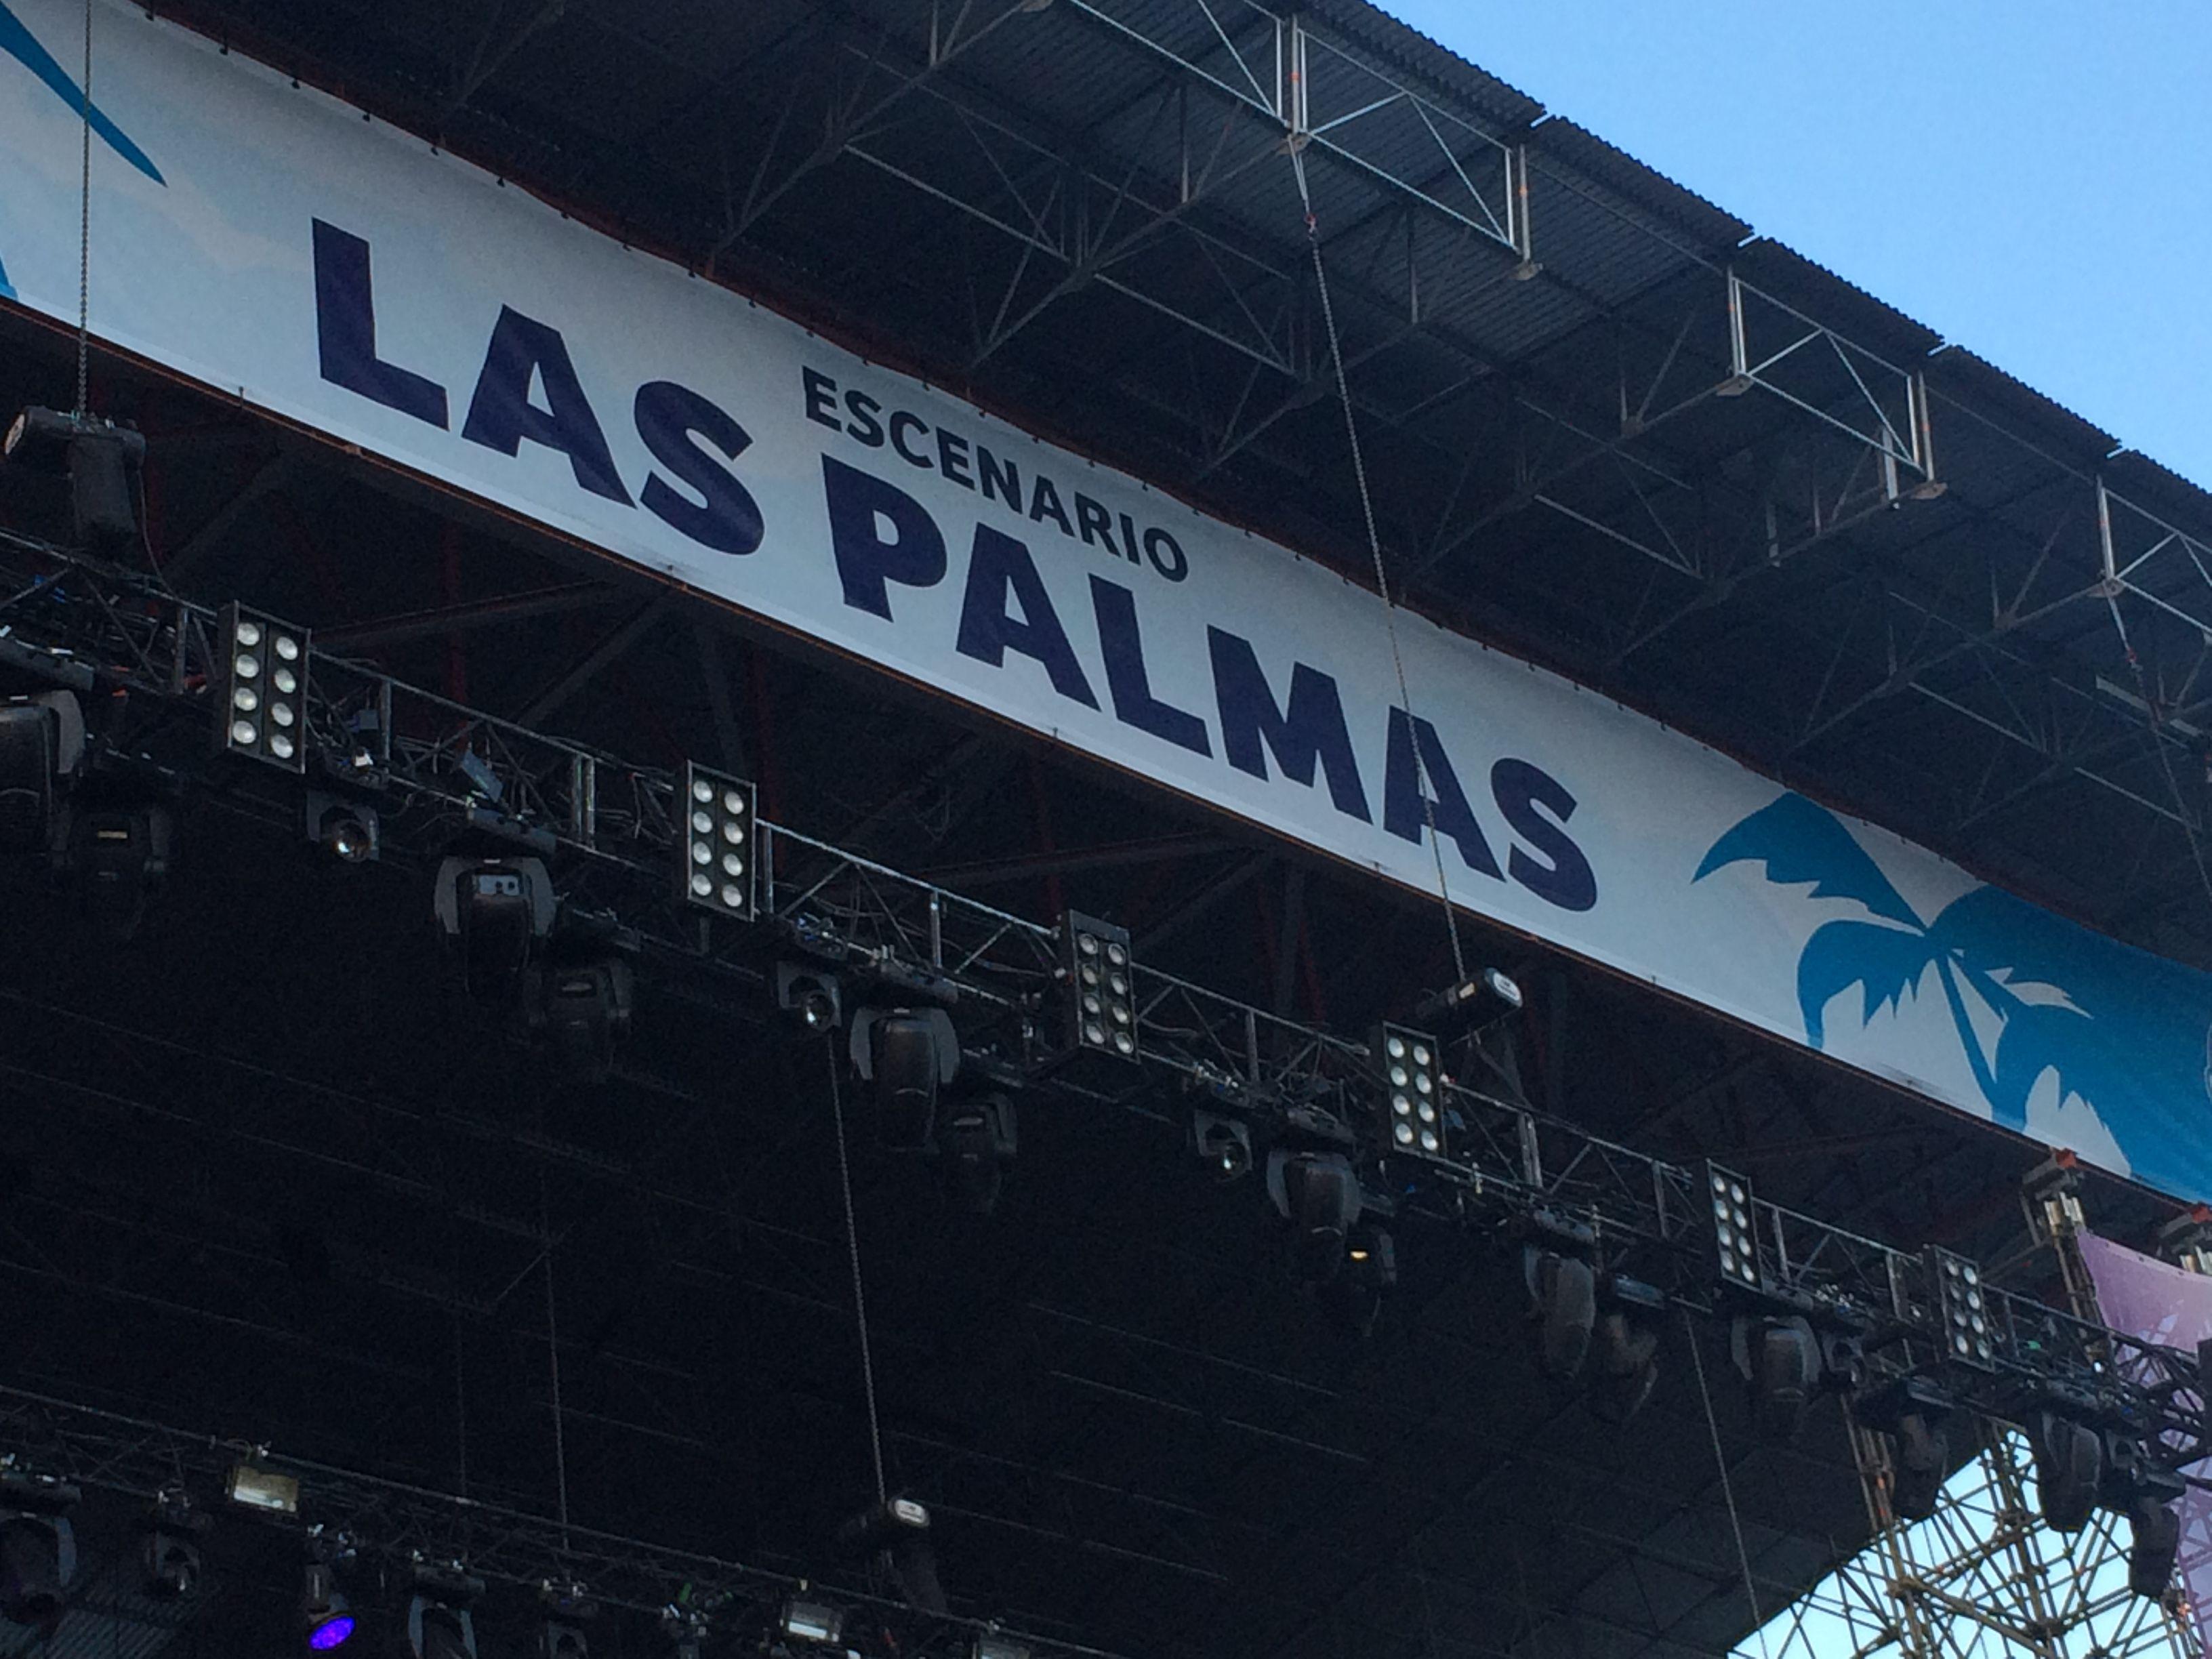 Escenario Las Palmas en el Fib 2015